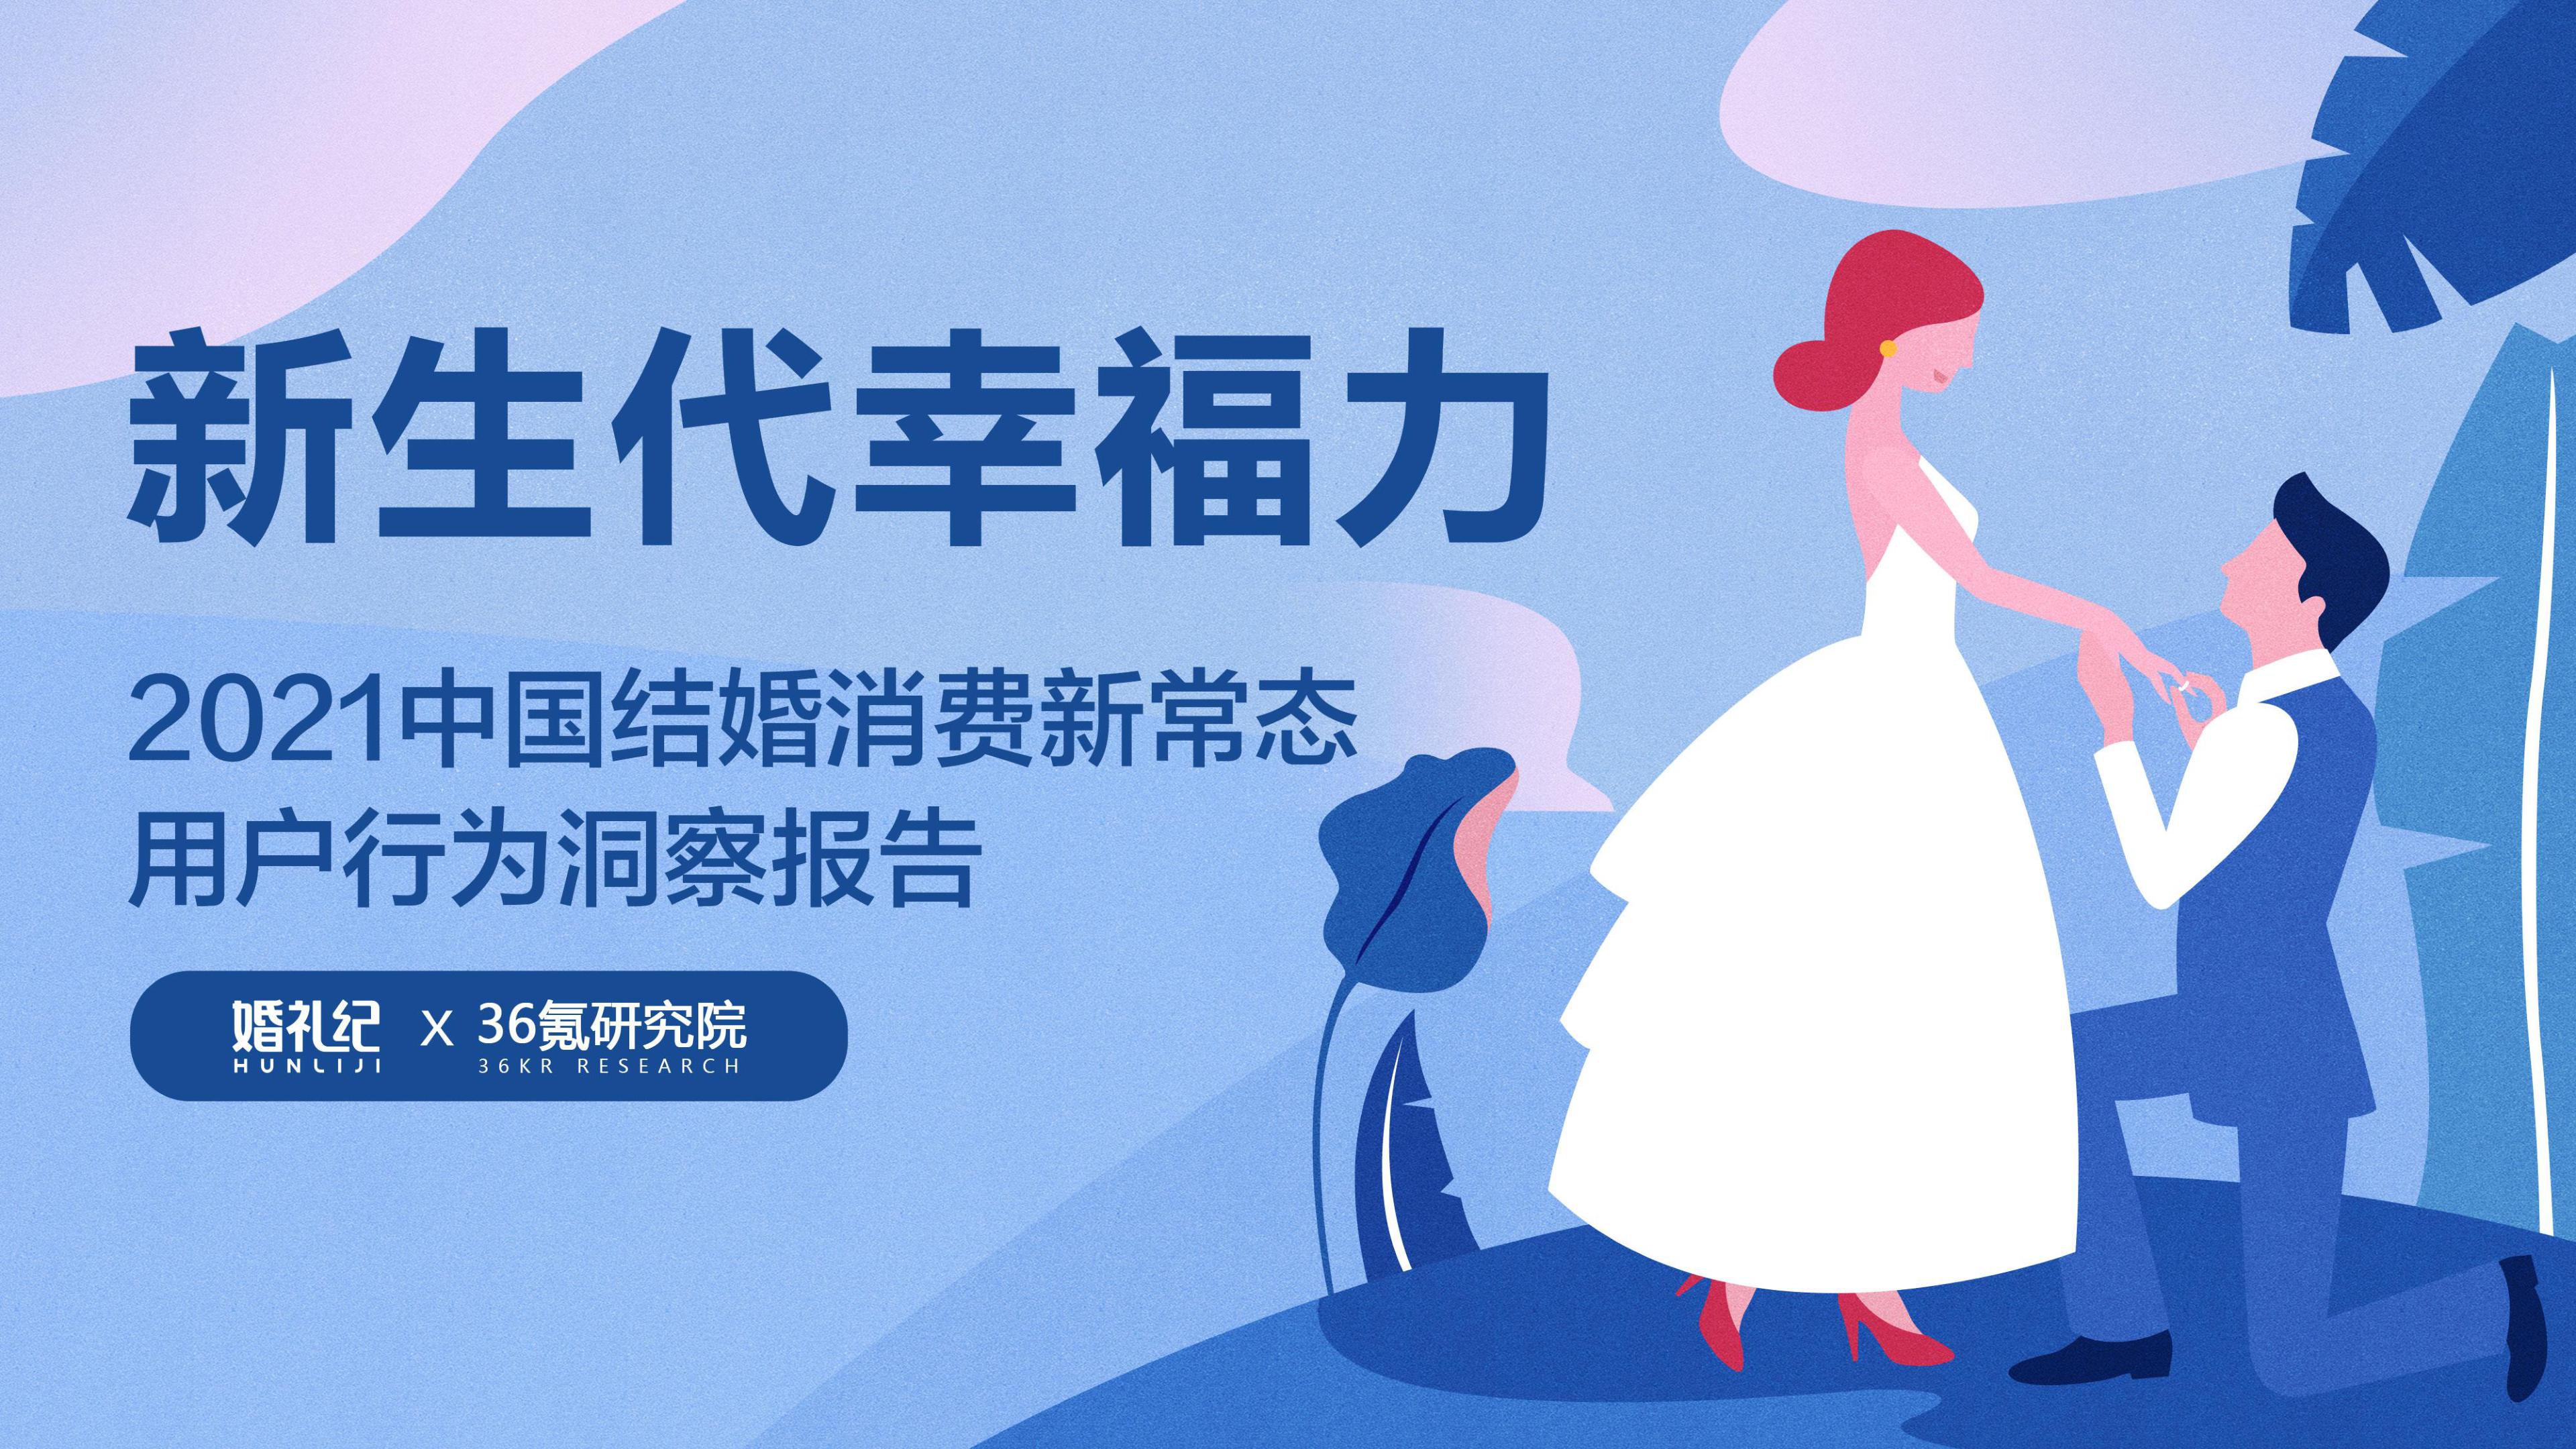 2021中国结婚消费新常态用户行为洞察报告:新生代幸福力